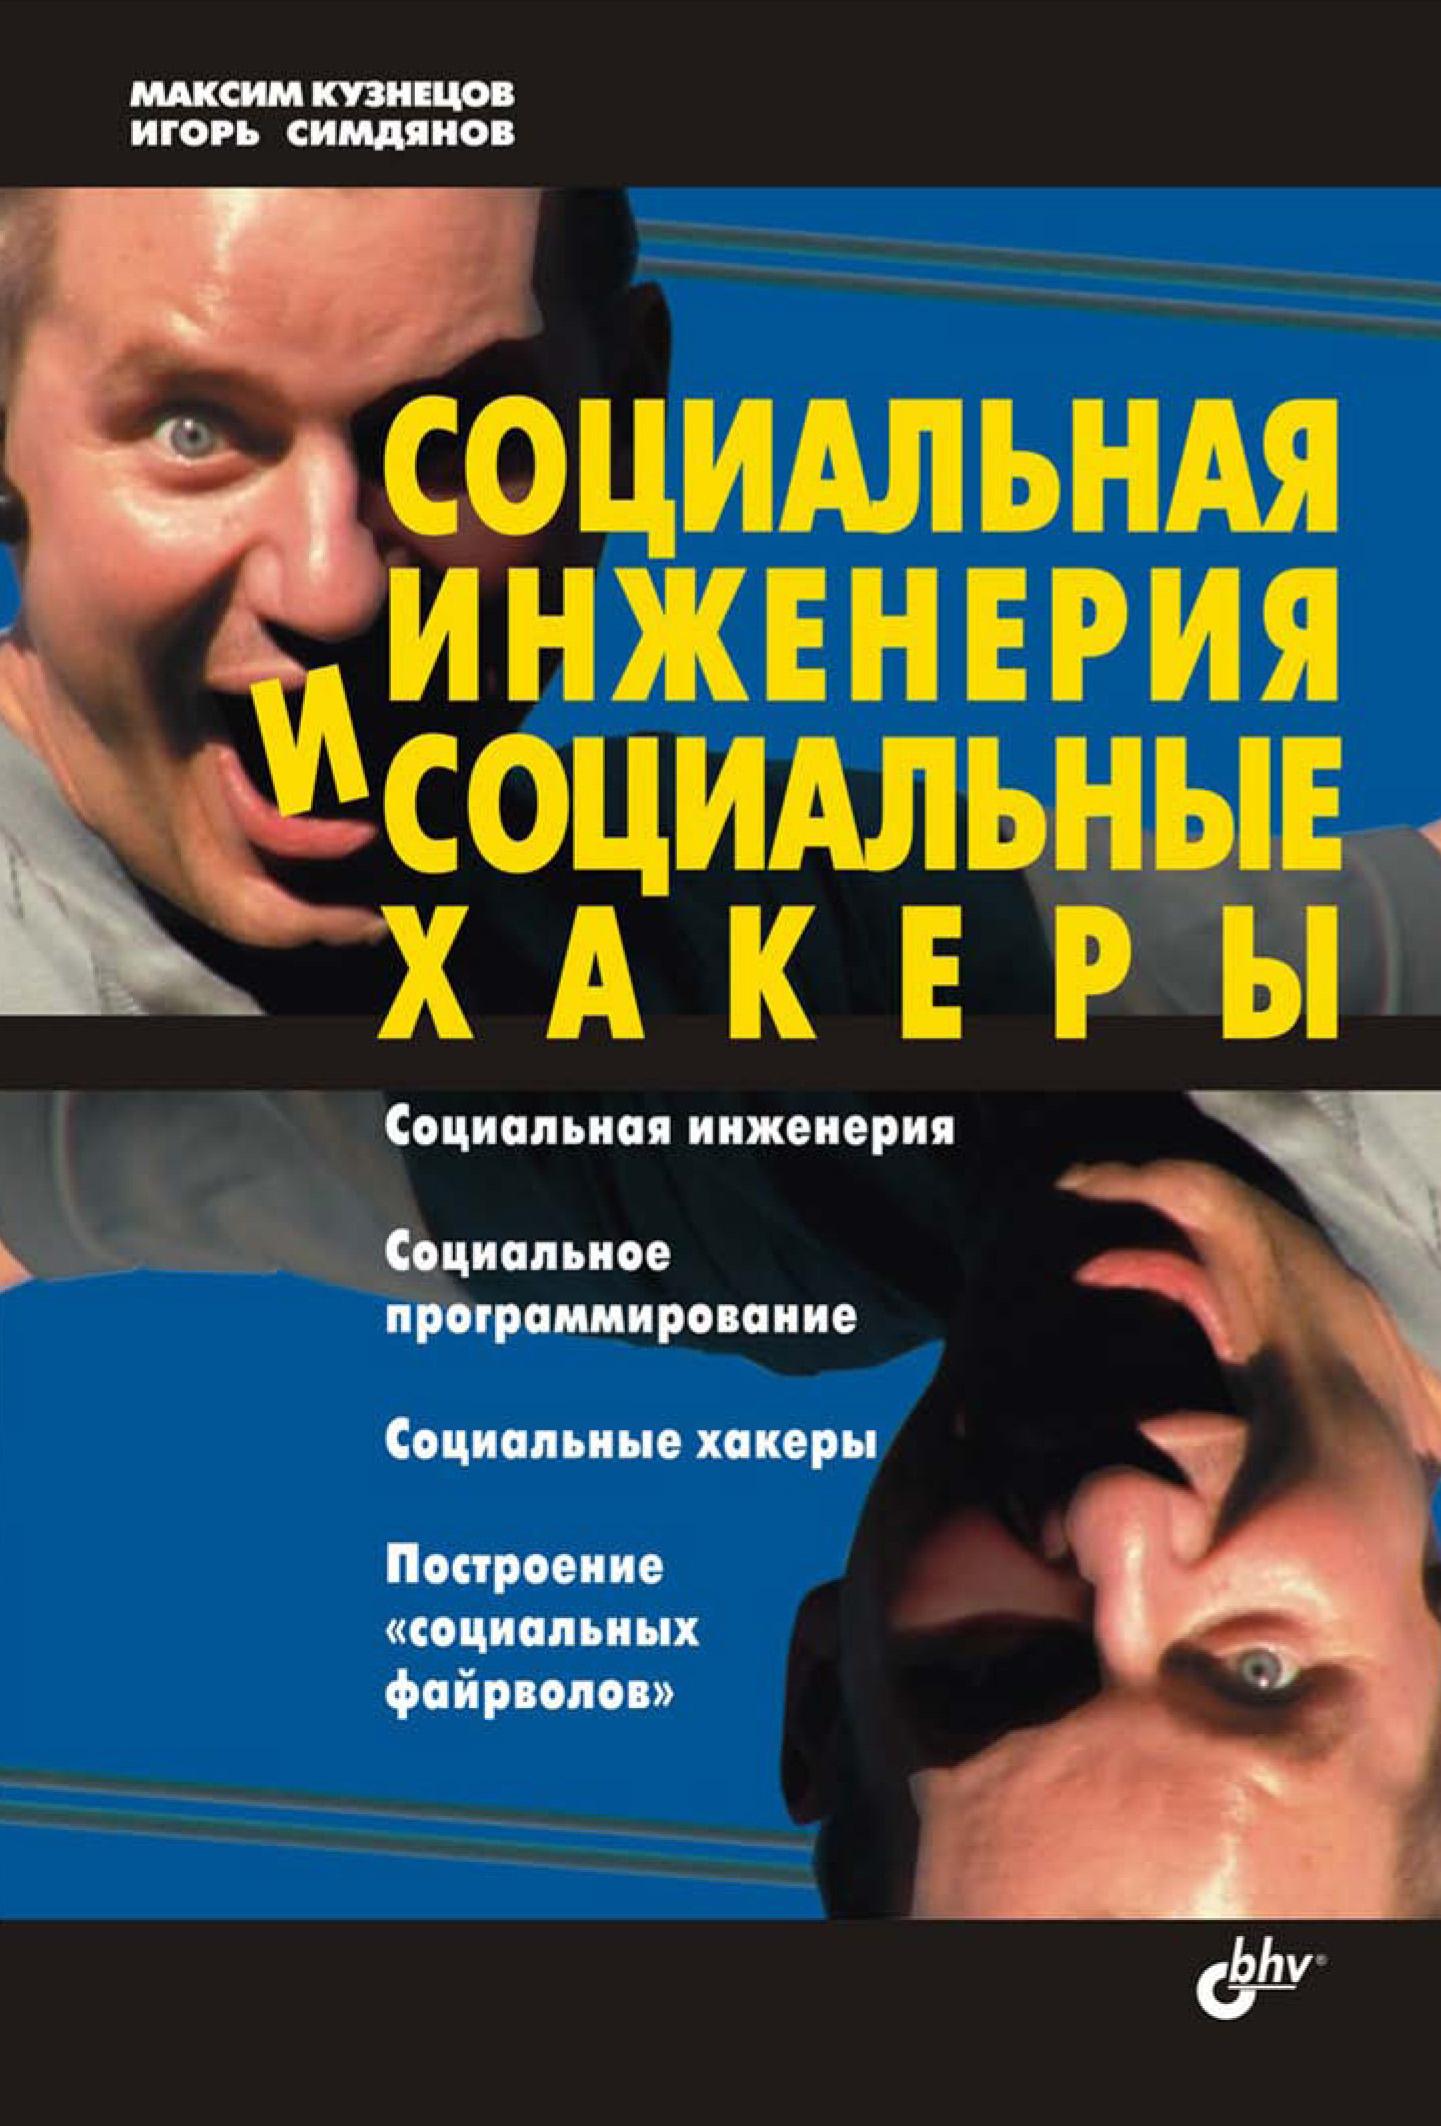 Максим Кузнецов Социальная инженерия и социальные хакеры кузнецов максим валерьевич программирование ступени успешной карьеры